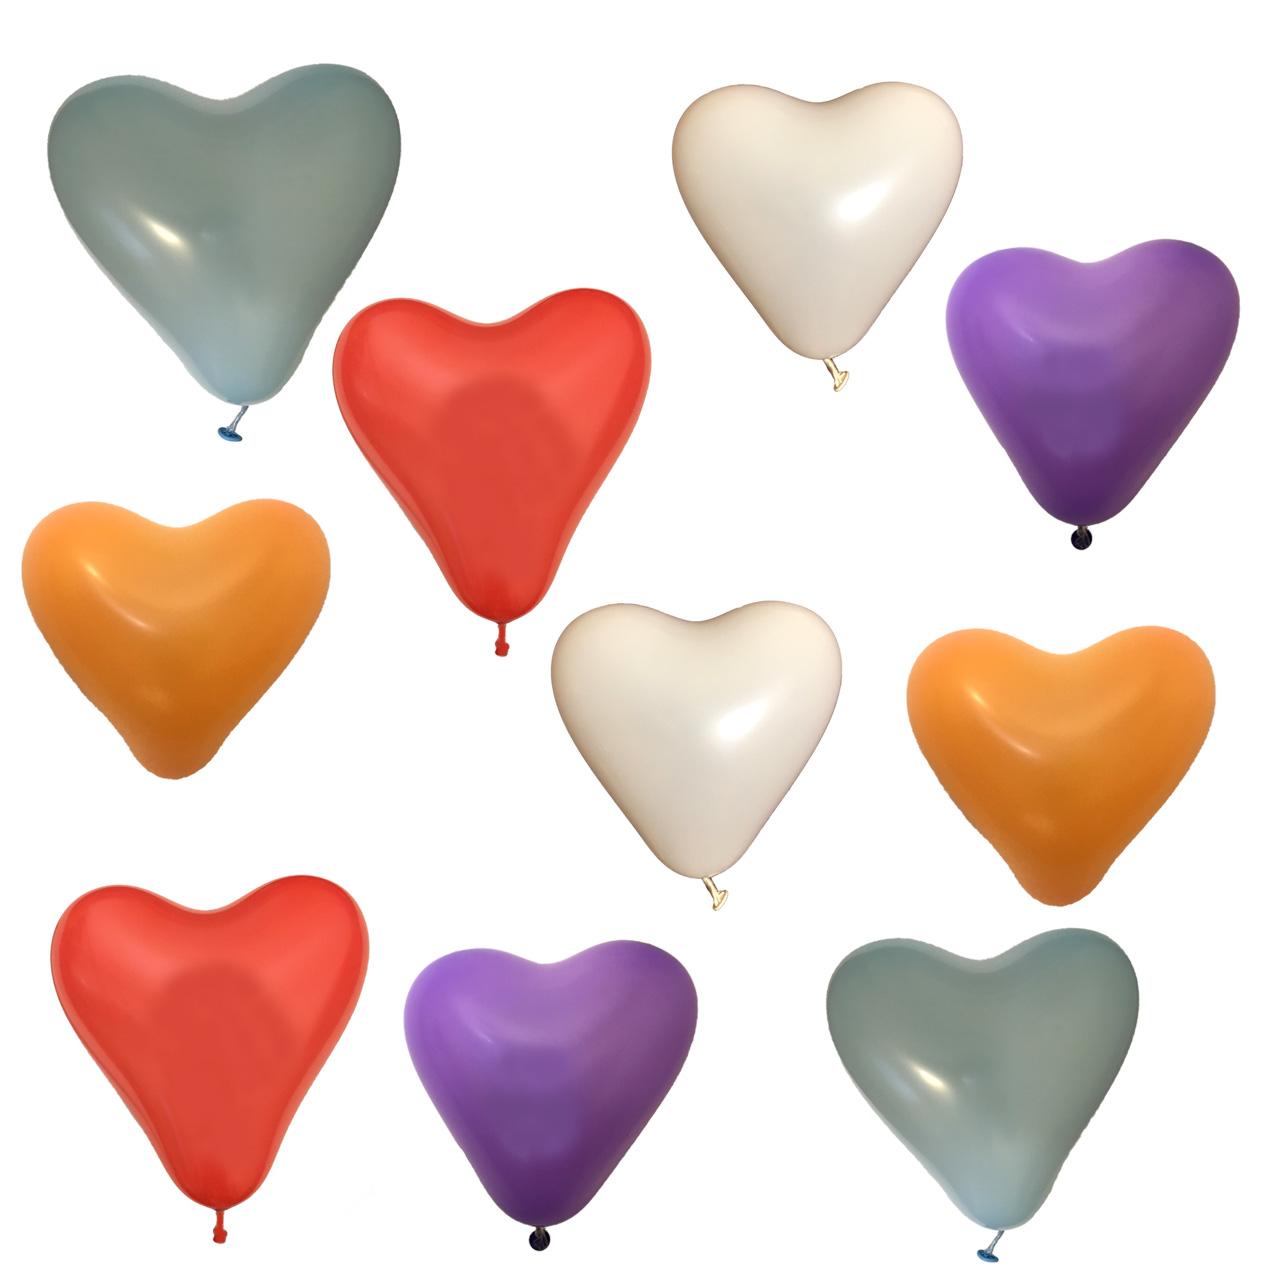 عکس بادکنک لاتکس طرح قلبی مدل Heart Balloons مجموعه 10 عددی